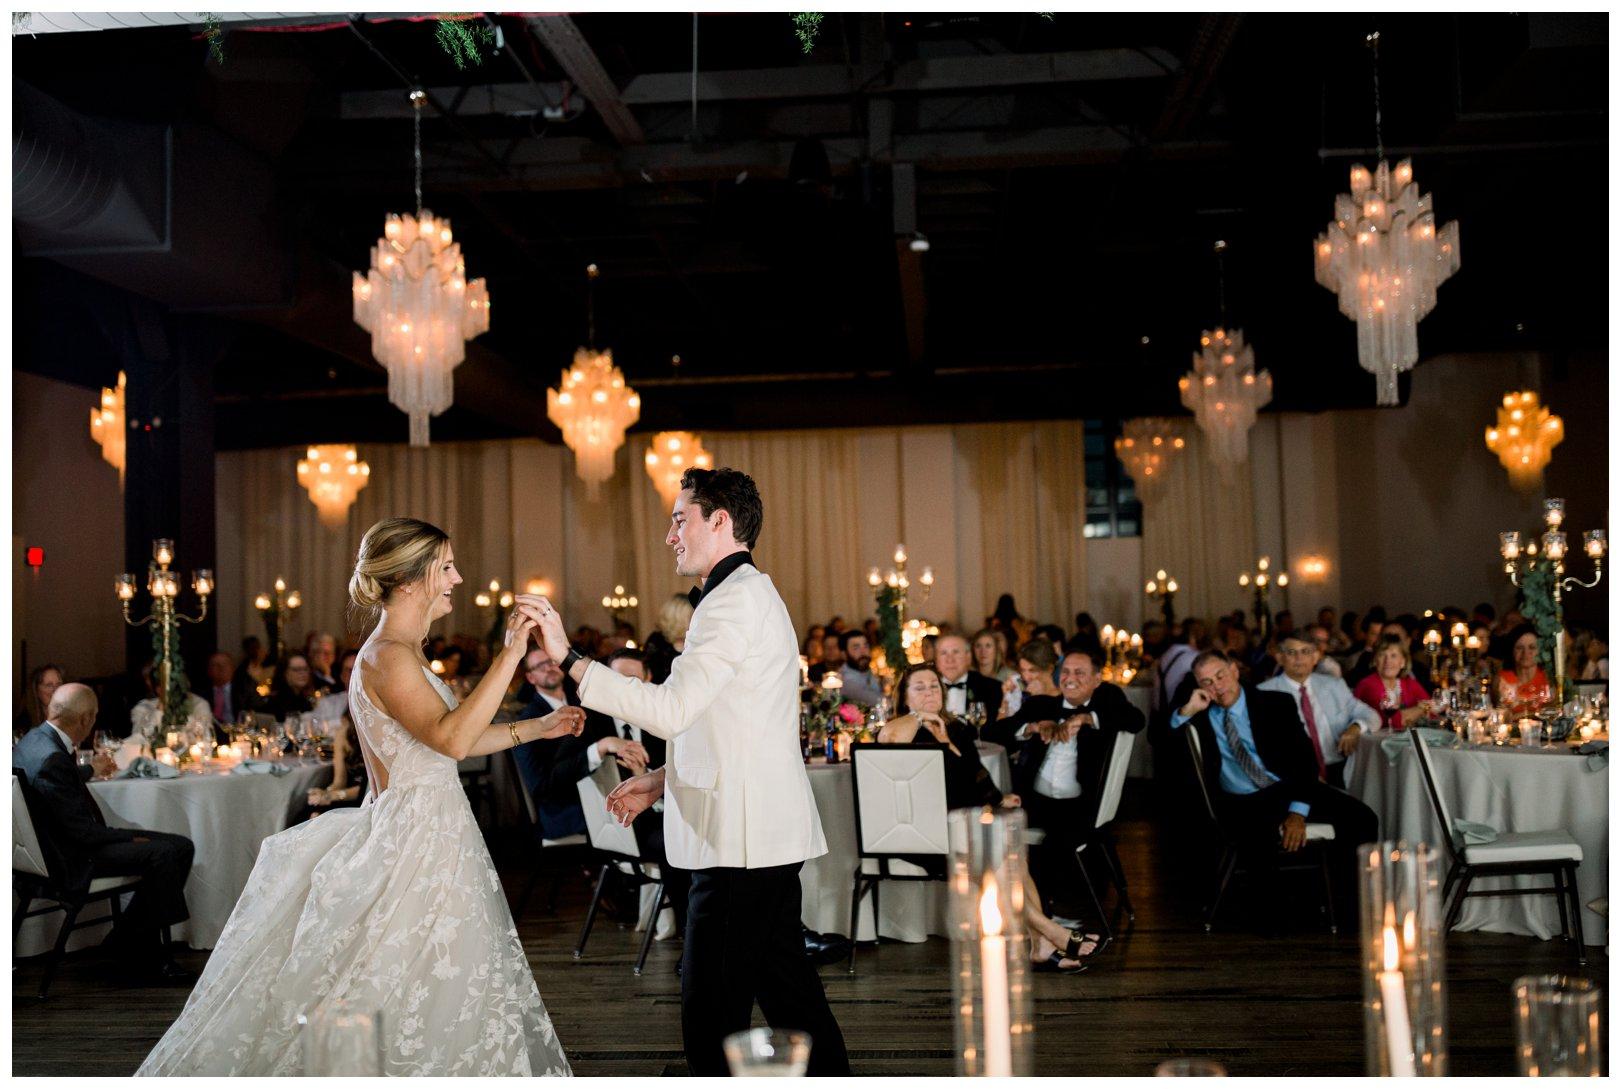 lauren muckler photography_fine art film wedding photography_st louis_photography_3212.jpg